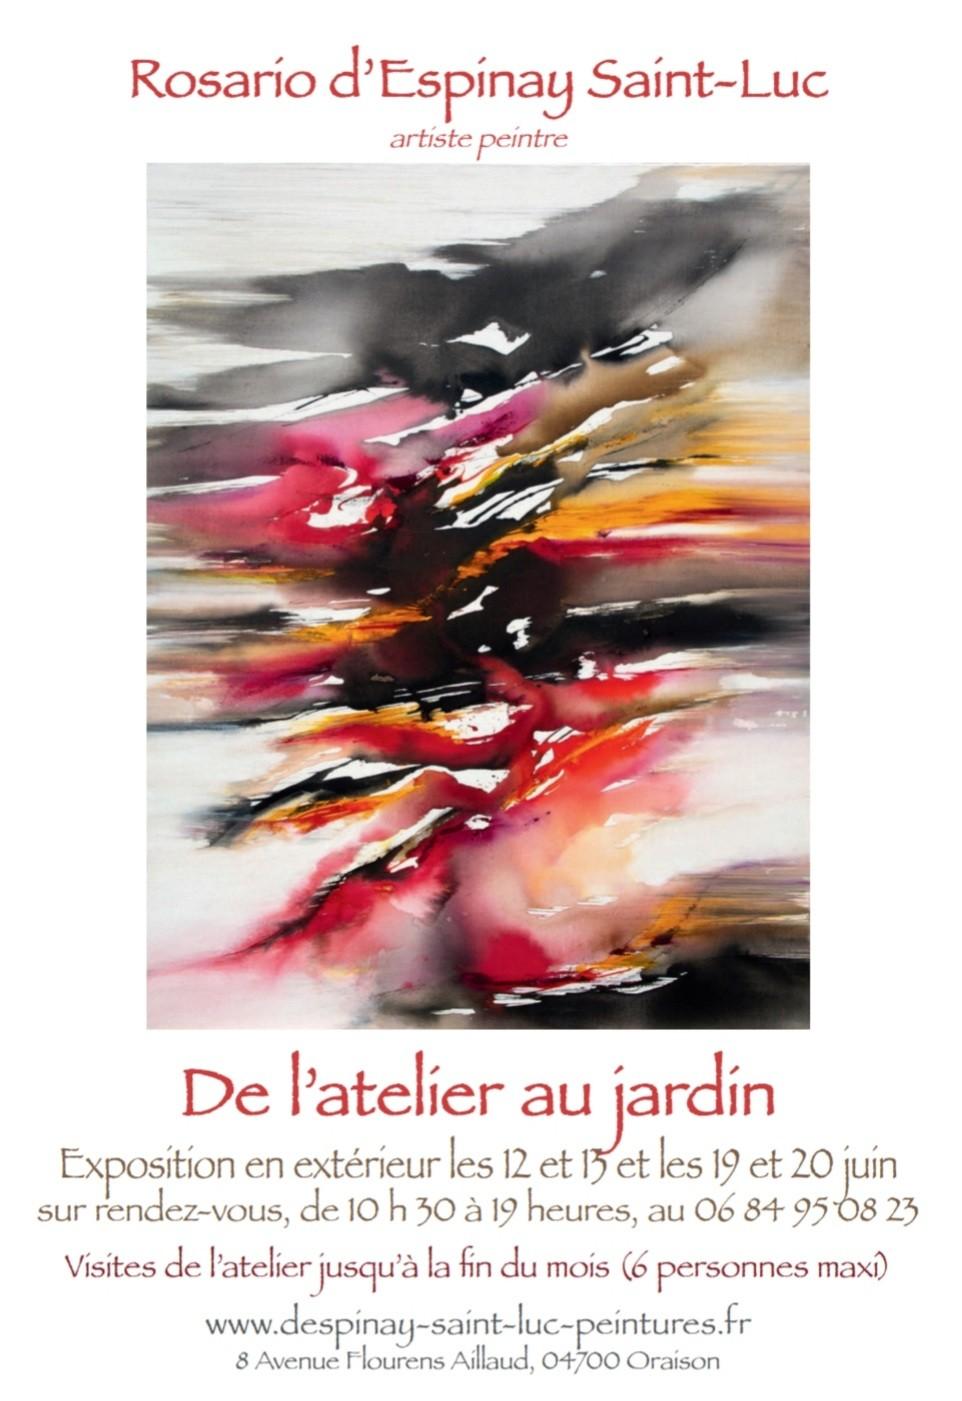 Exposition De l'atelier au jardin de Rosario d'Espinay Saint-Luc